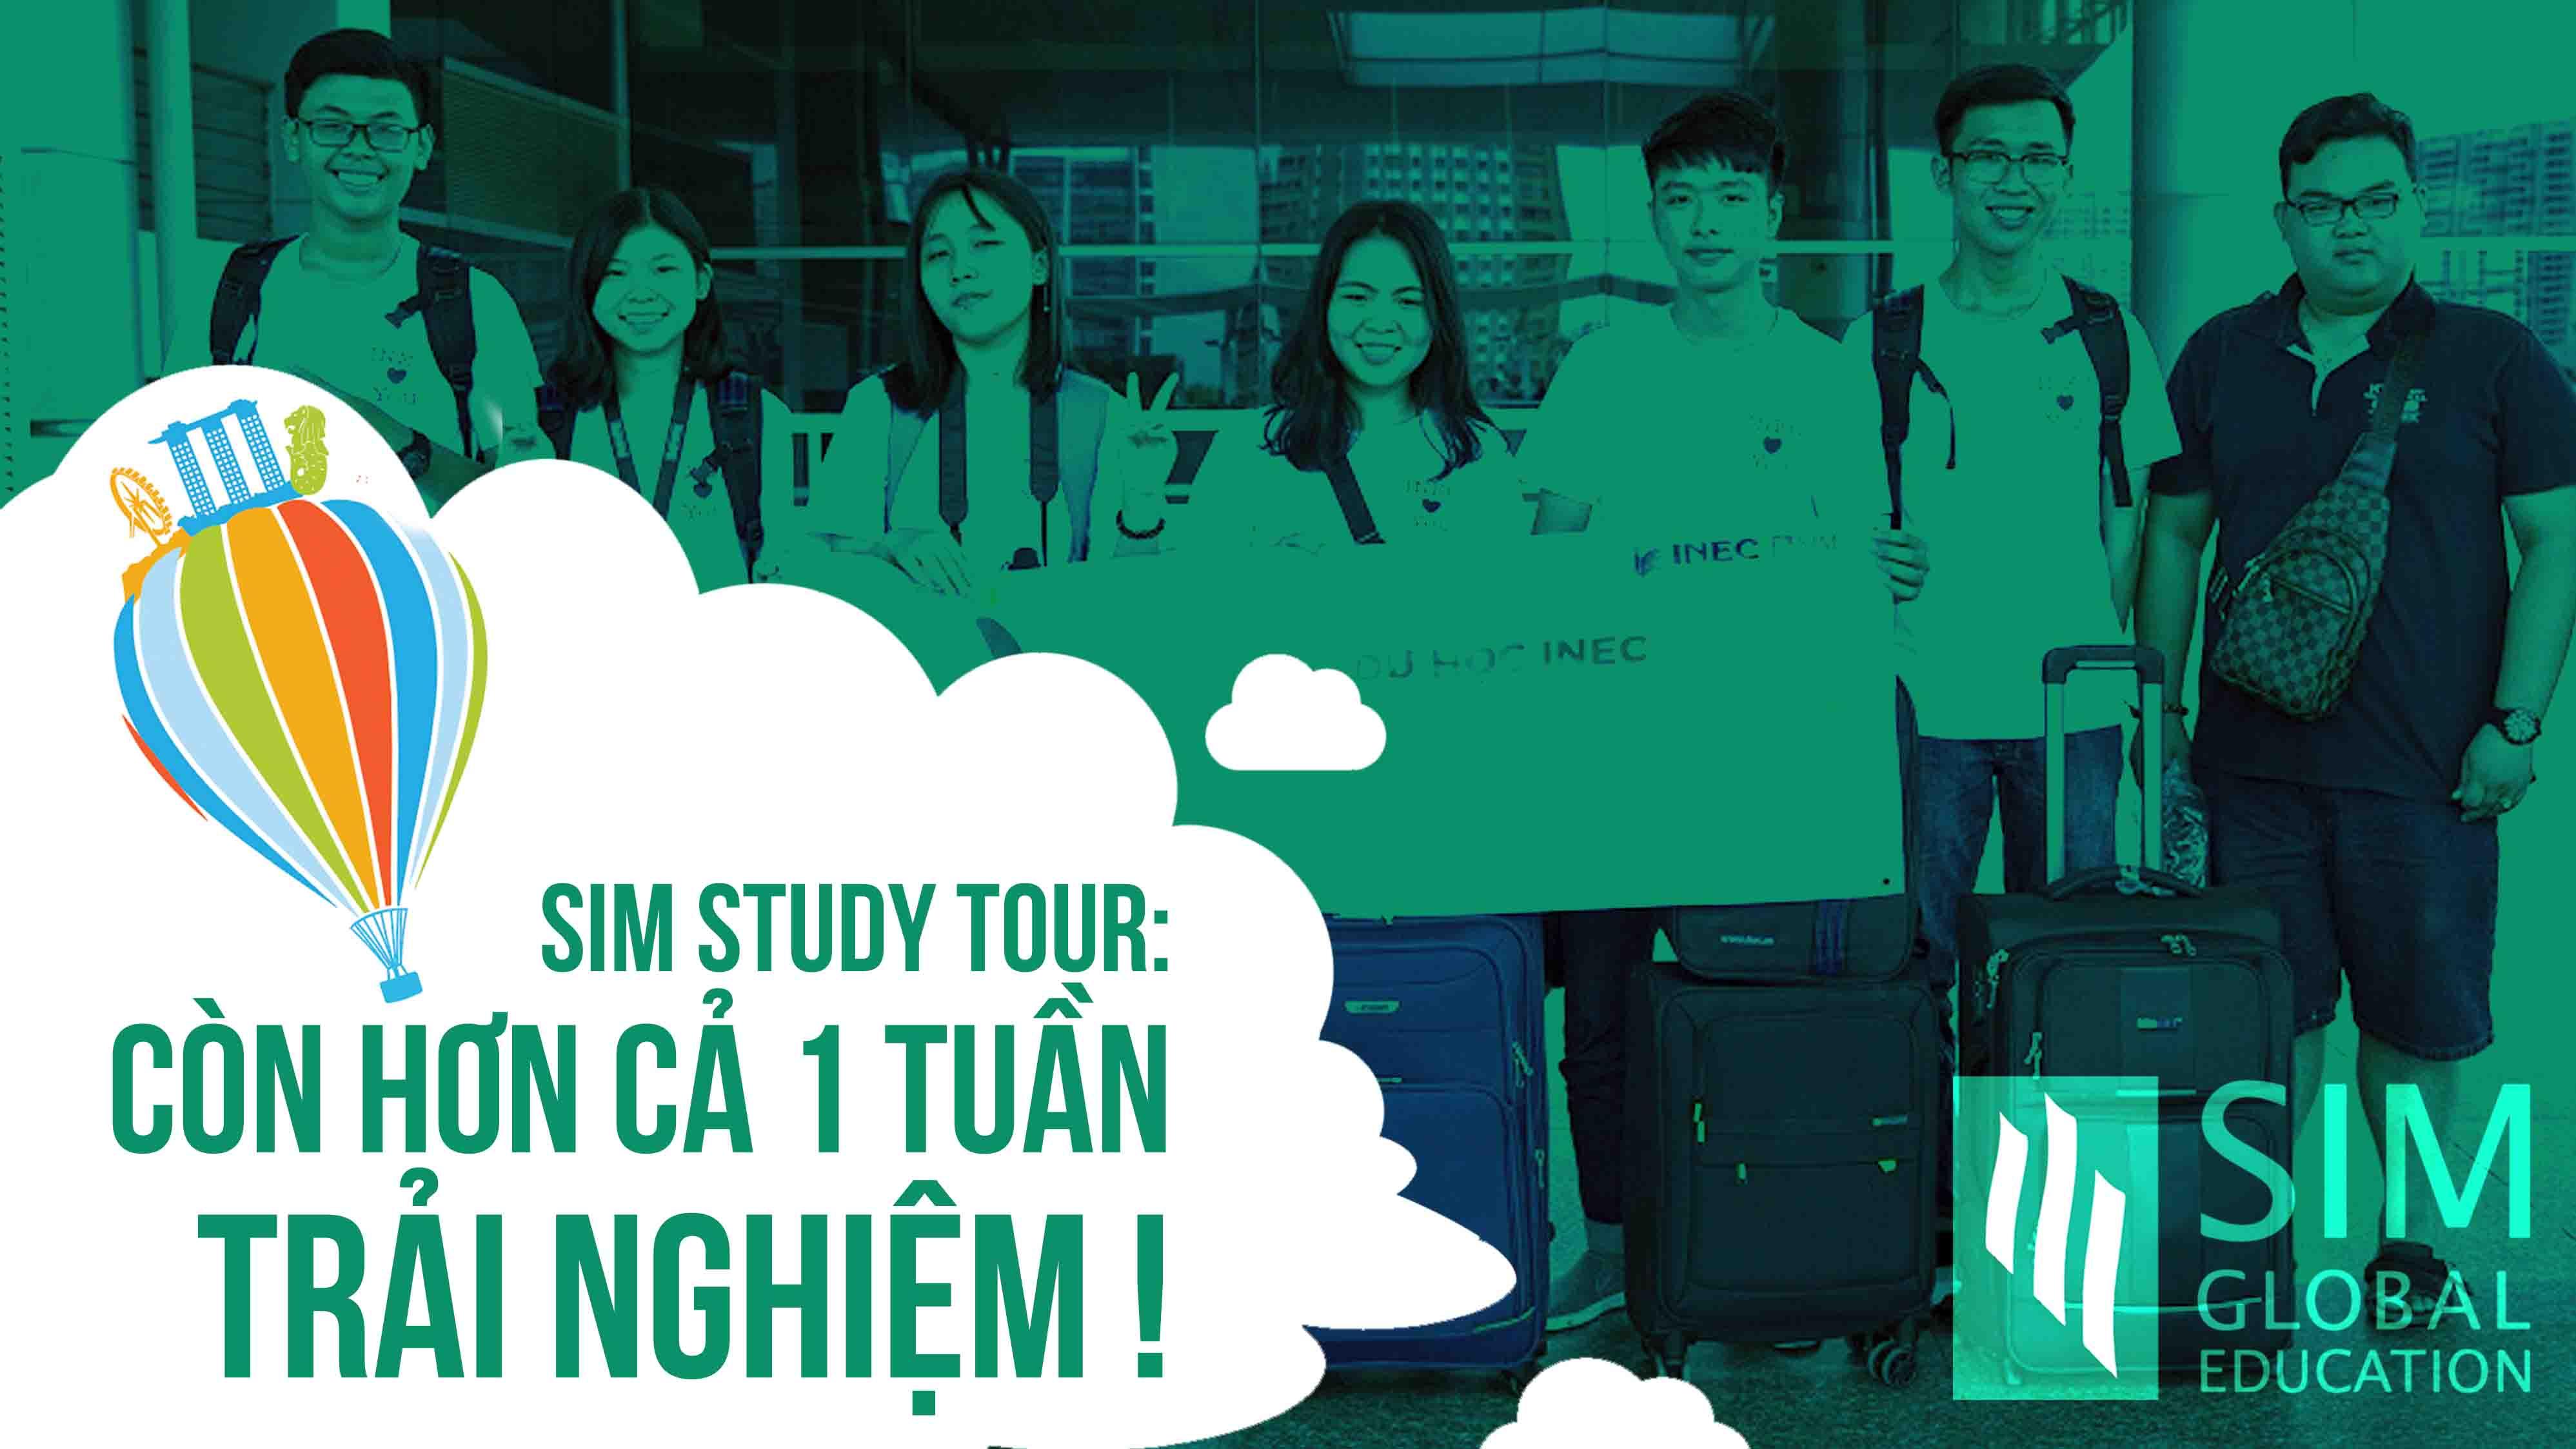 """7 ngày đầy ắp niềm vui, tiếng cười và những điều bổ ích là """"chiến lợi phẩm"""" của các bạn học sinh sinh viên sau SIM Study Tour. Đây là chương trình trải nghiệm môi trường học tập tuyệt vời tại Học viện SIM và khám phá cuộc sống muôn màu của Singapore.  Không chỉ tham quan khu học xá rộng đến 100.000m2 của Học viện SIM, các bạn còn tham gia các lớp học thú vị để phát triển những kỹ năng như làm việc nhóm, sáng tạo, lên kế hoạch, thuyết trình. """"Lớp học thử thách"""" với hoạt động leo lên một công trình cao là một trong những điều để lại nhiều ấn tượng nhất với các bạn. Không chỉ vượt qua giới hạn của bản thân, thử thách này còn rèn luyện cho các bạn tinh thần đồng đội.  SIM Study Tour là hoạt động thường niên của Học viện SIM nhằm mở mang tầm mắt cho học sinh sinh viên quốc tế về việc học tập và sinh sống tại Singapore, giới thiệu cho các bạn một trong những nền giáo dục và môi trường sống tốt nhất.  Xem thêm tại: https://duhocinec.com/du-hoc-singapor..."""